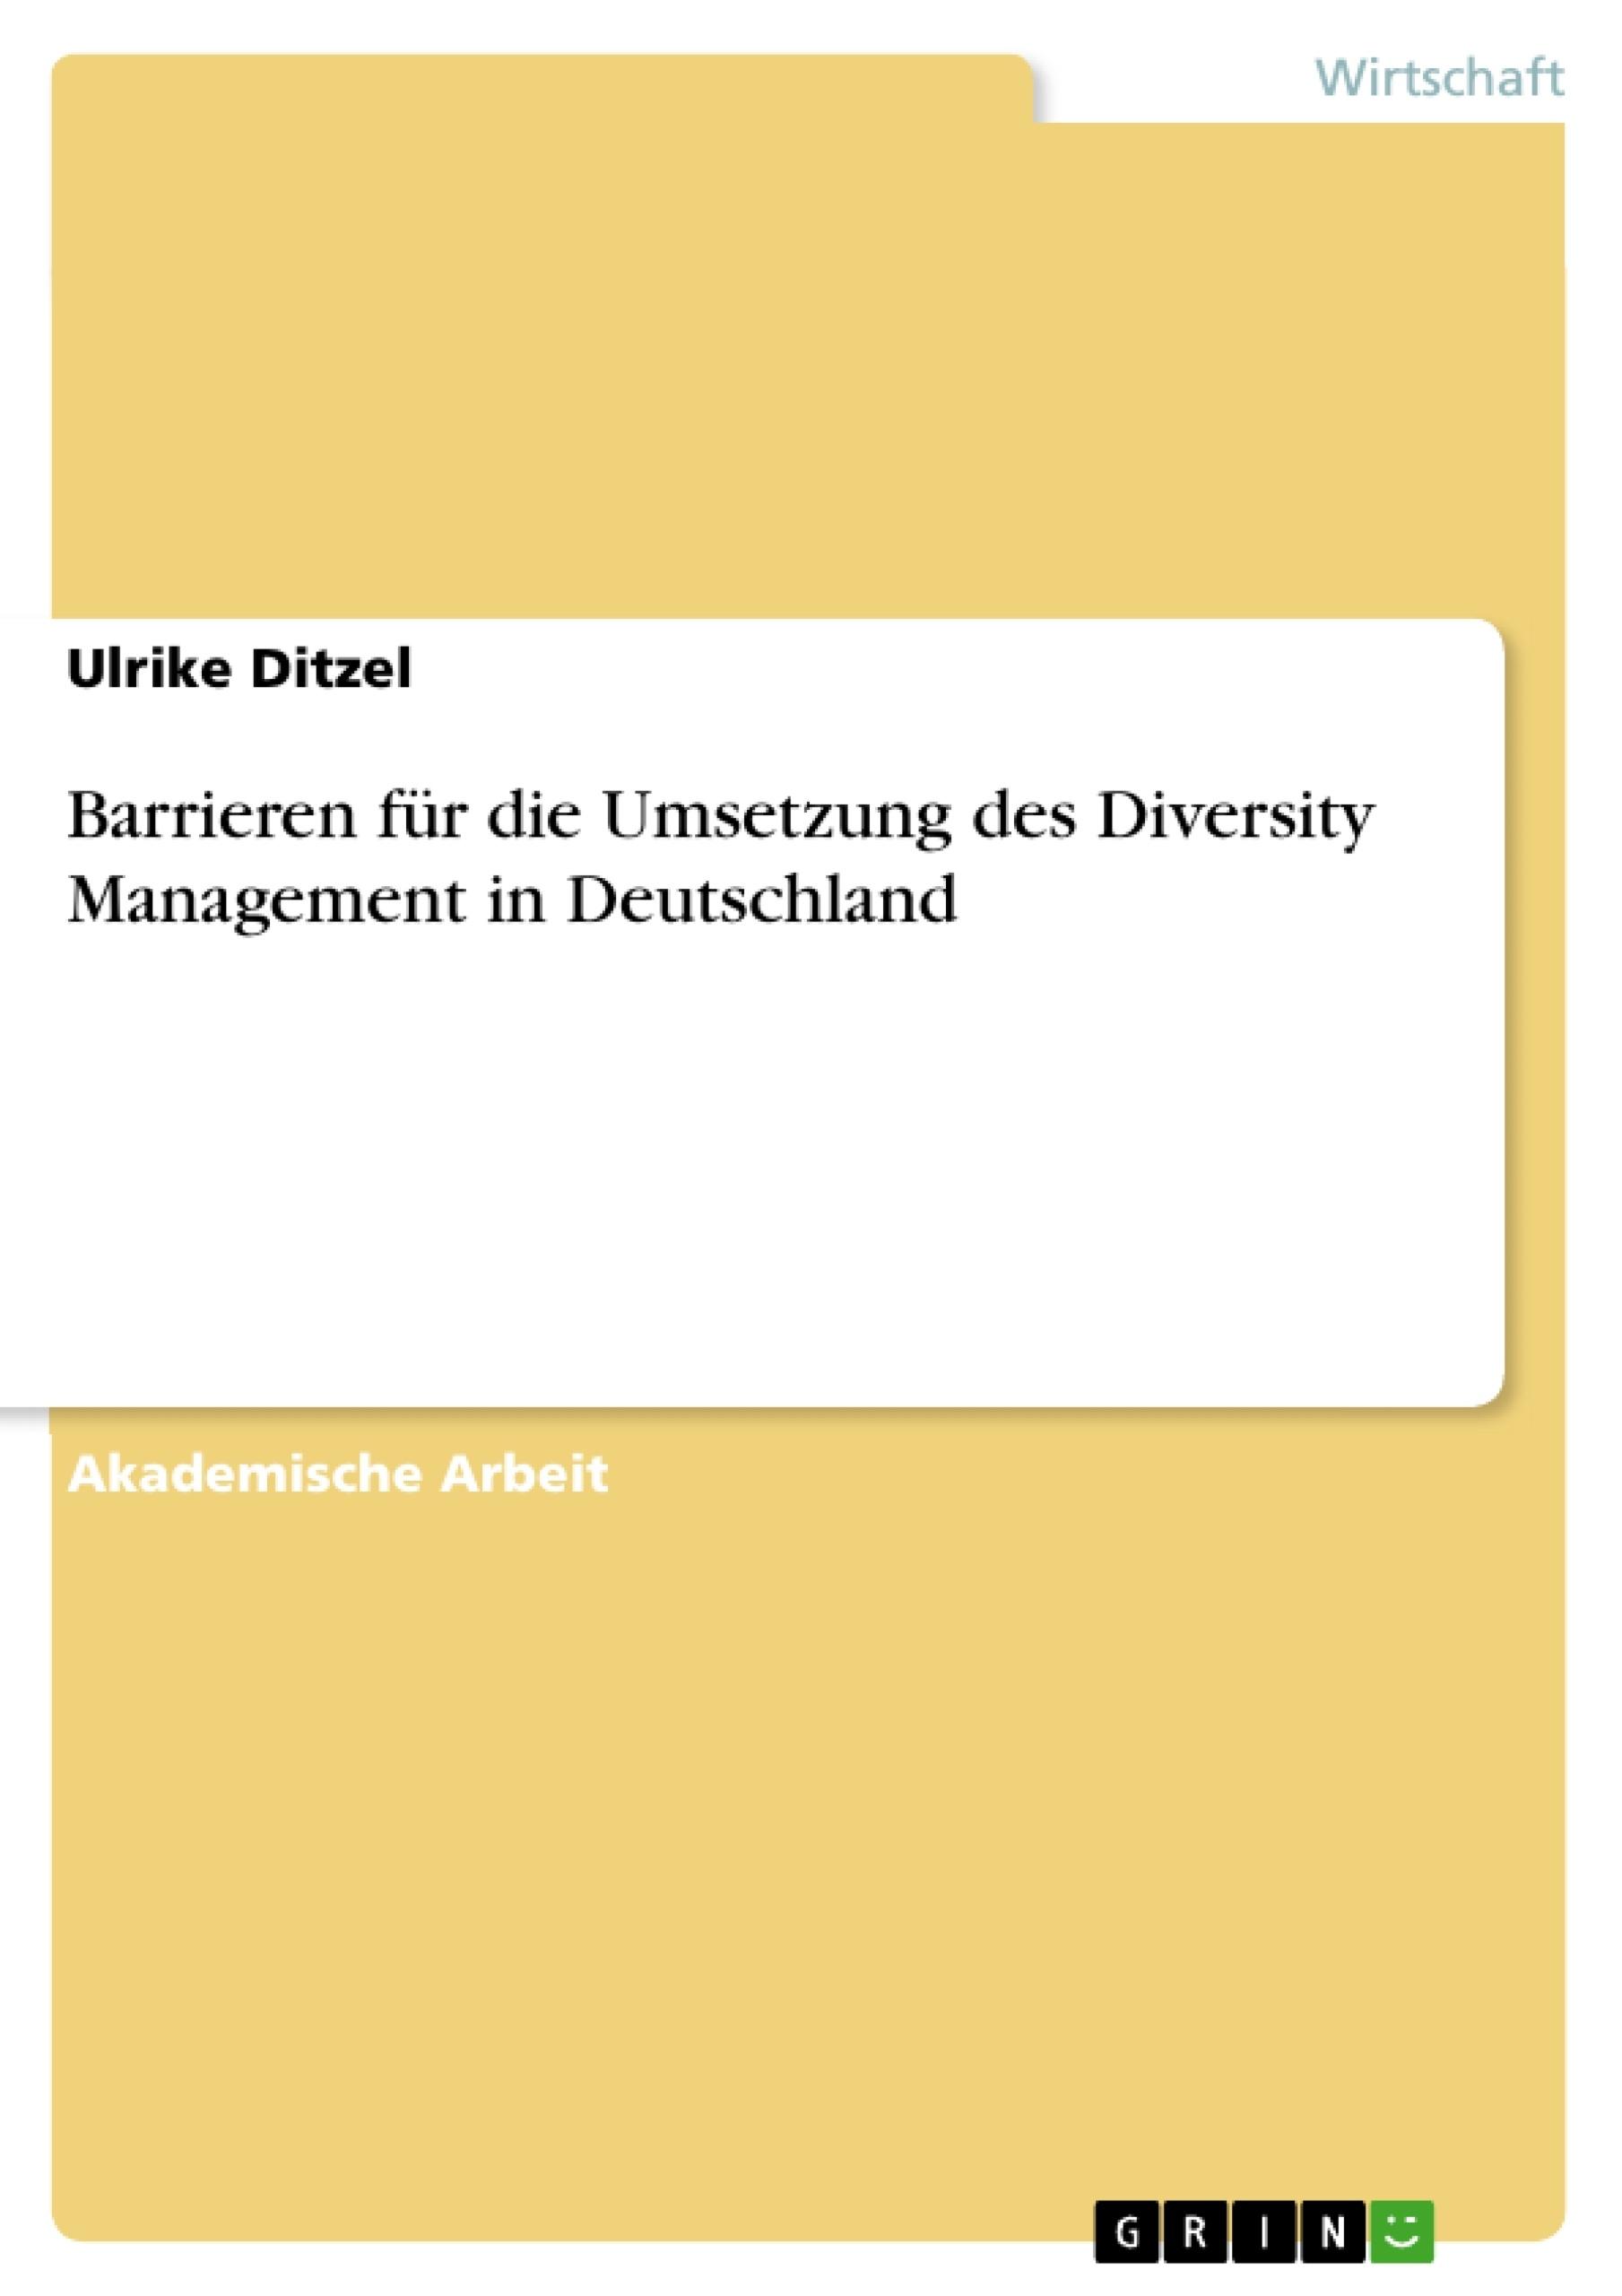 Titel: Barrieren für die Umsetzung des Diversity Management in Deutschland